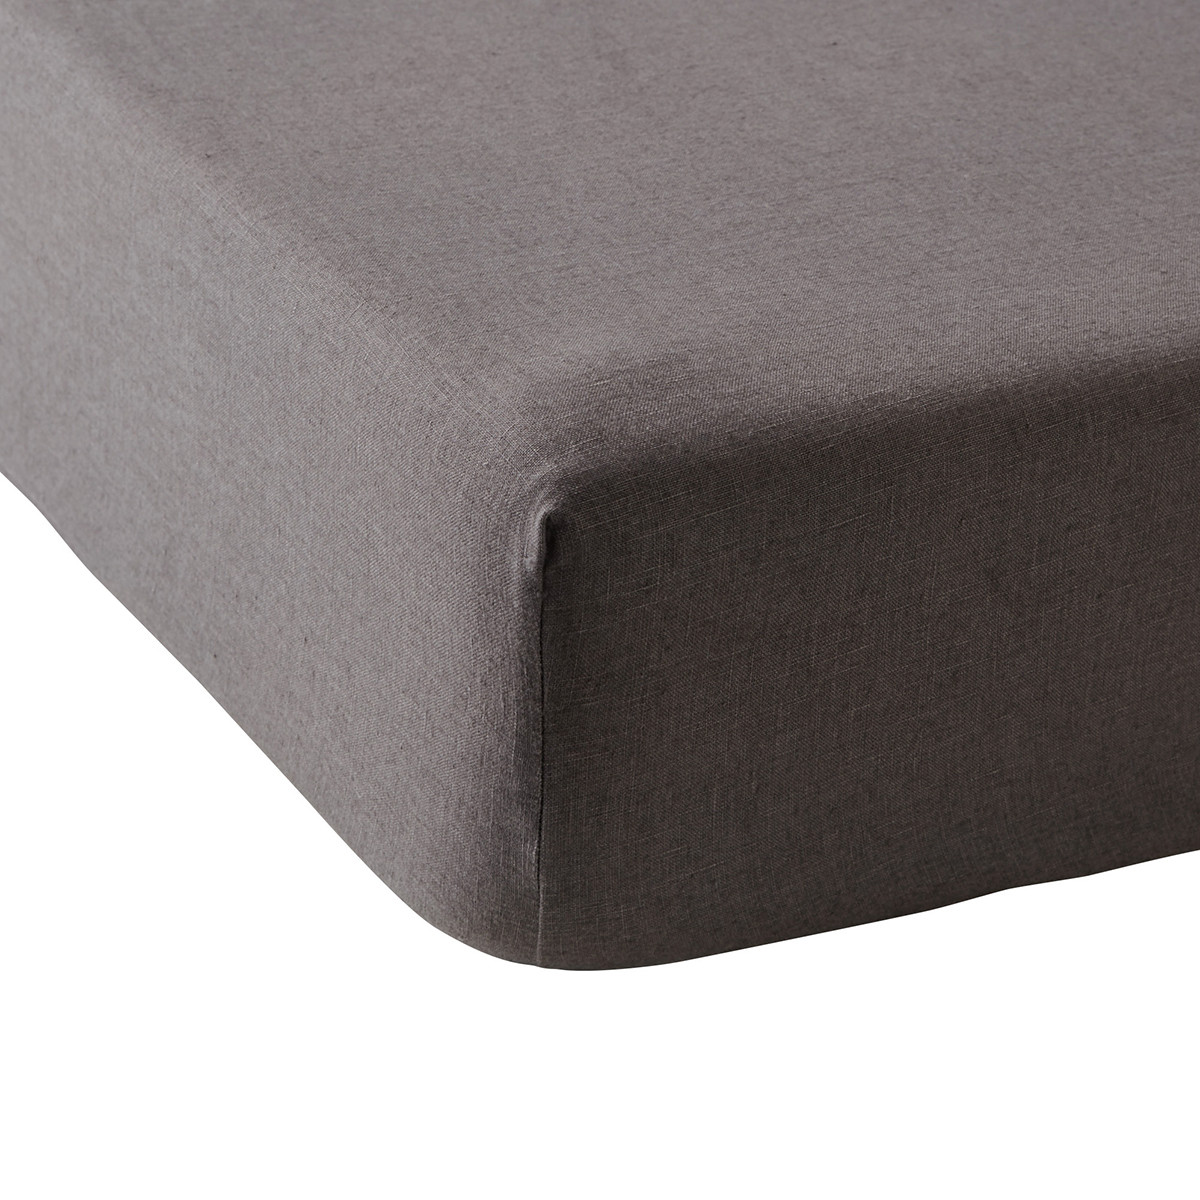 Drap housse lin 160x200 cm graphite